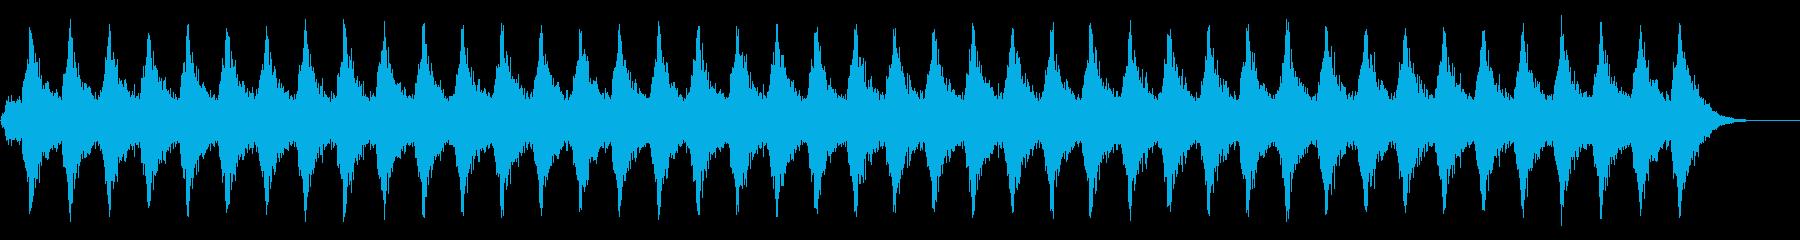 スリリングなシーンにの再生済みの波形